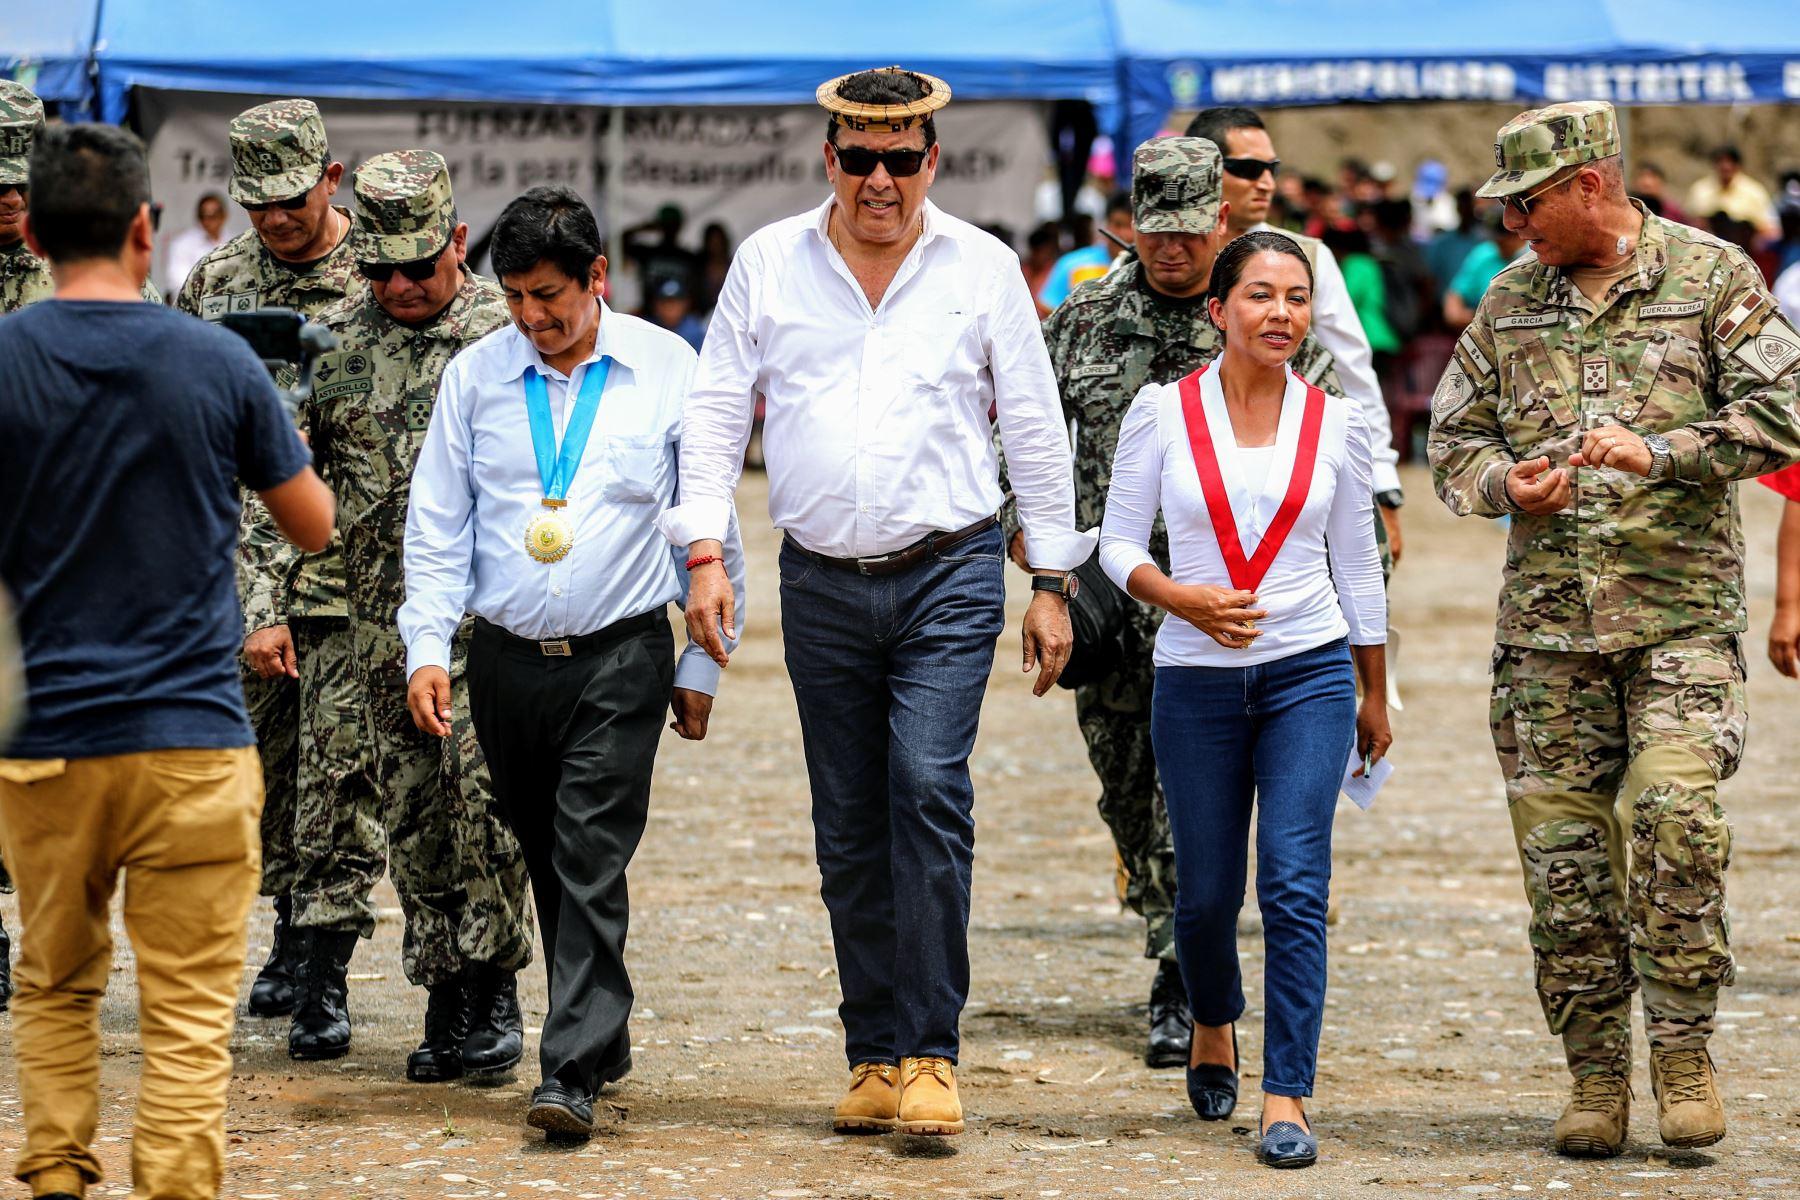 Ministro de Defensa José Huerta llega en avioneta a nueva pista de aterrizaje en el distrito de Pichari, Cusco. Foto: ANDINA/Luis Iparraguirre